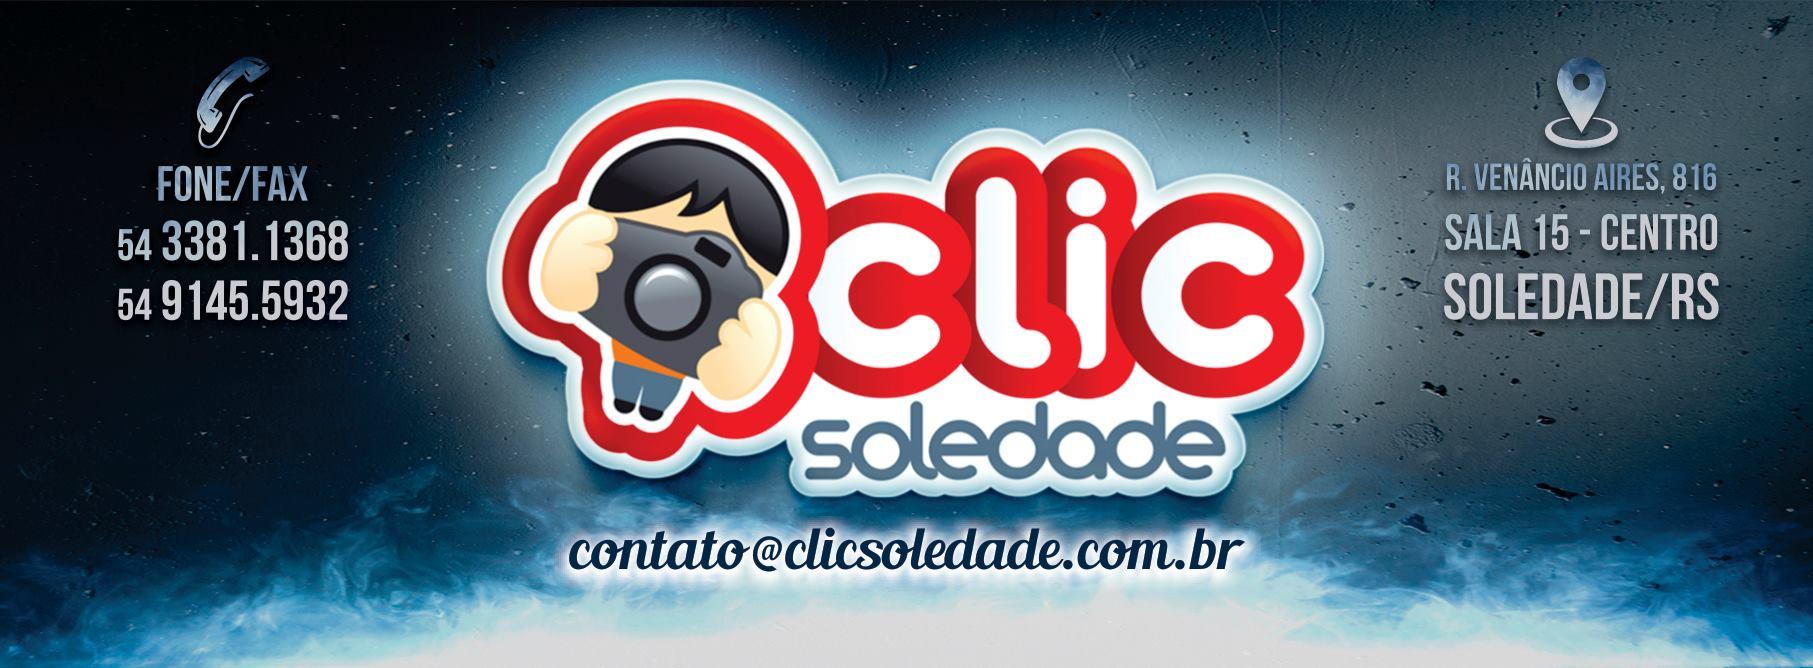 soledade-joia-1 Projetos da Soledade é Joia são entregues para instituições em Porto Alegre